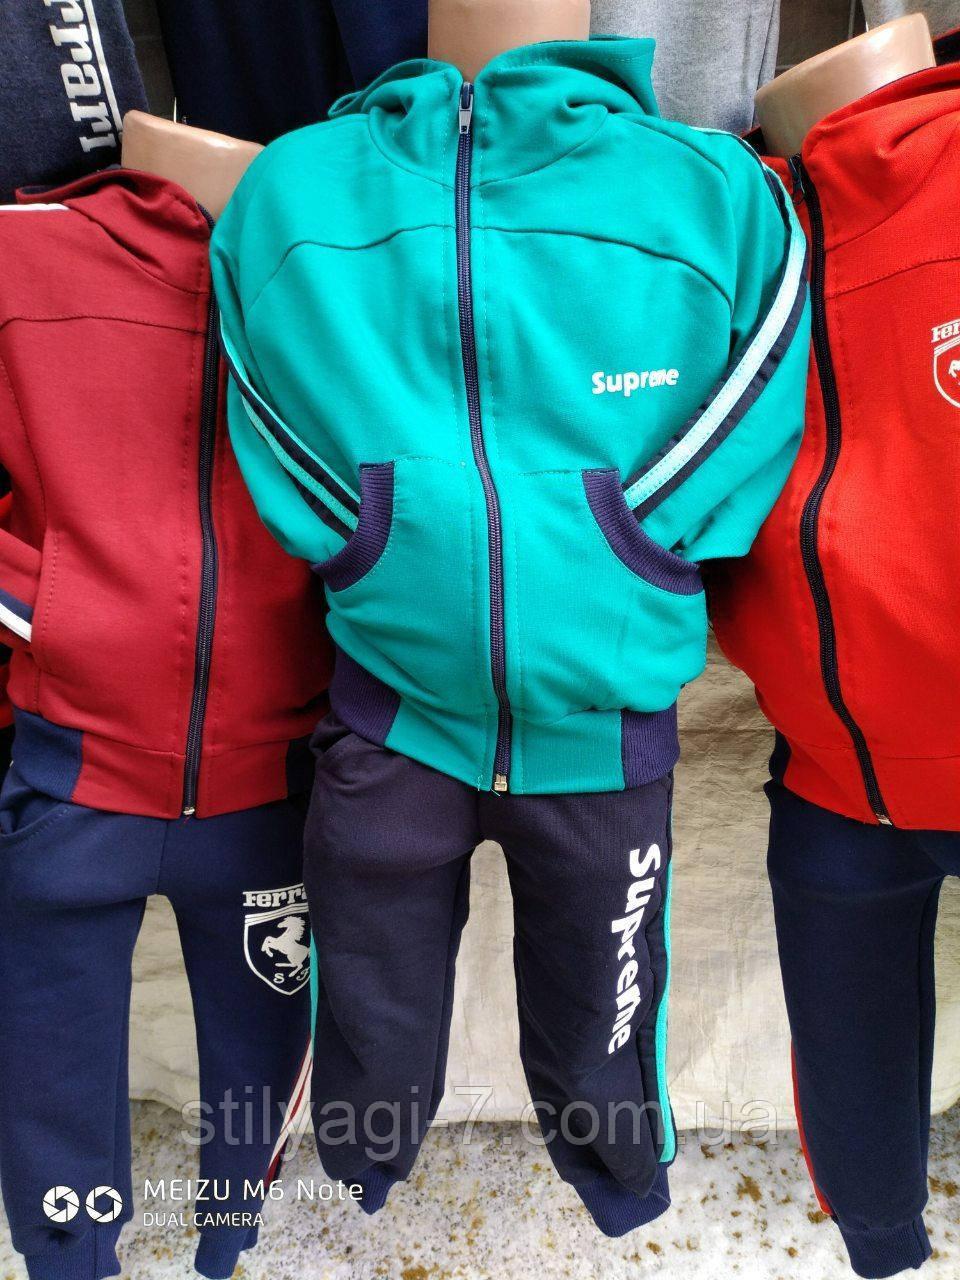 Спортивный костюм для мальчика на 6-10 лет бирюзового с синим  цвета c капюшоном Supreme оптом